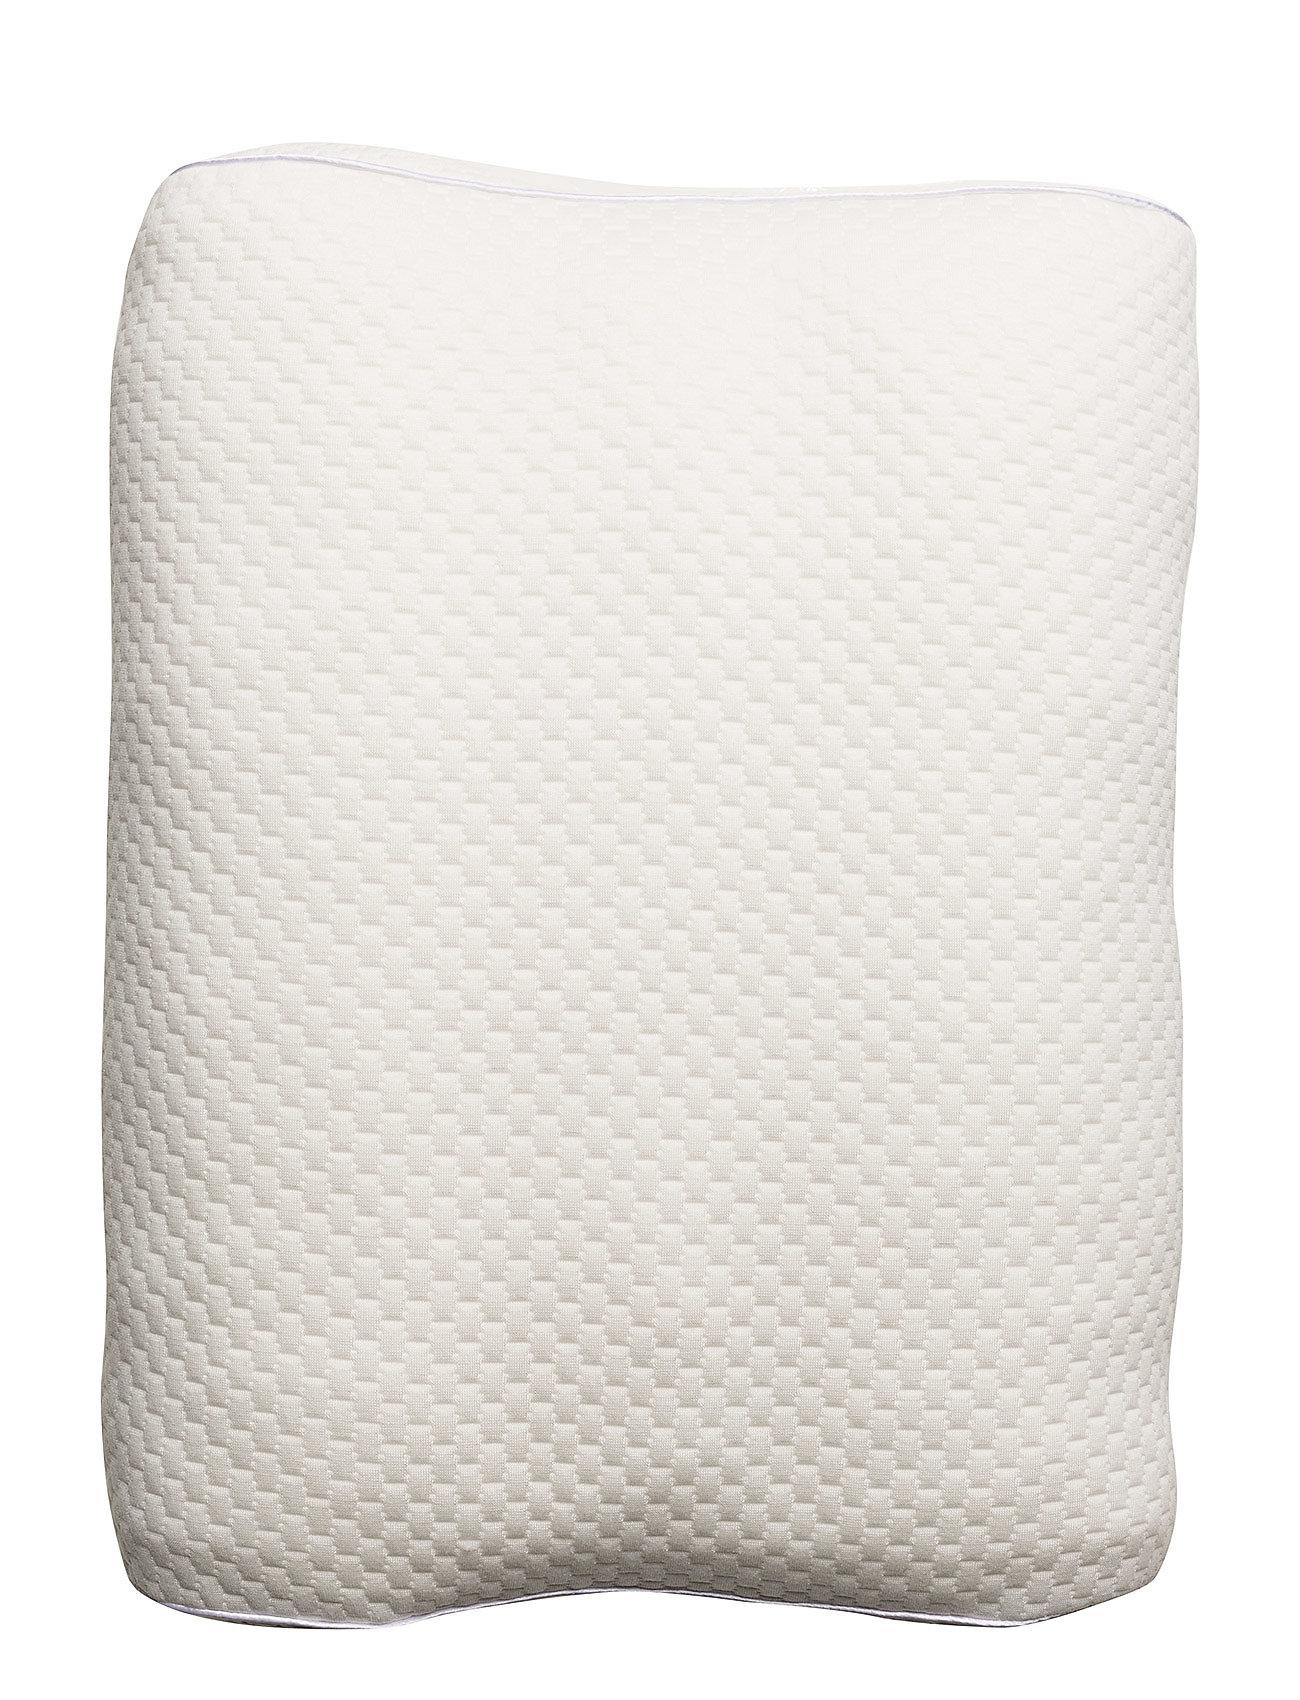 Danadream Ergomagic Comfort - Quilts of Denmark